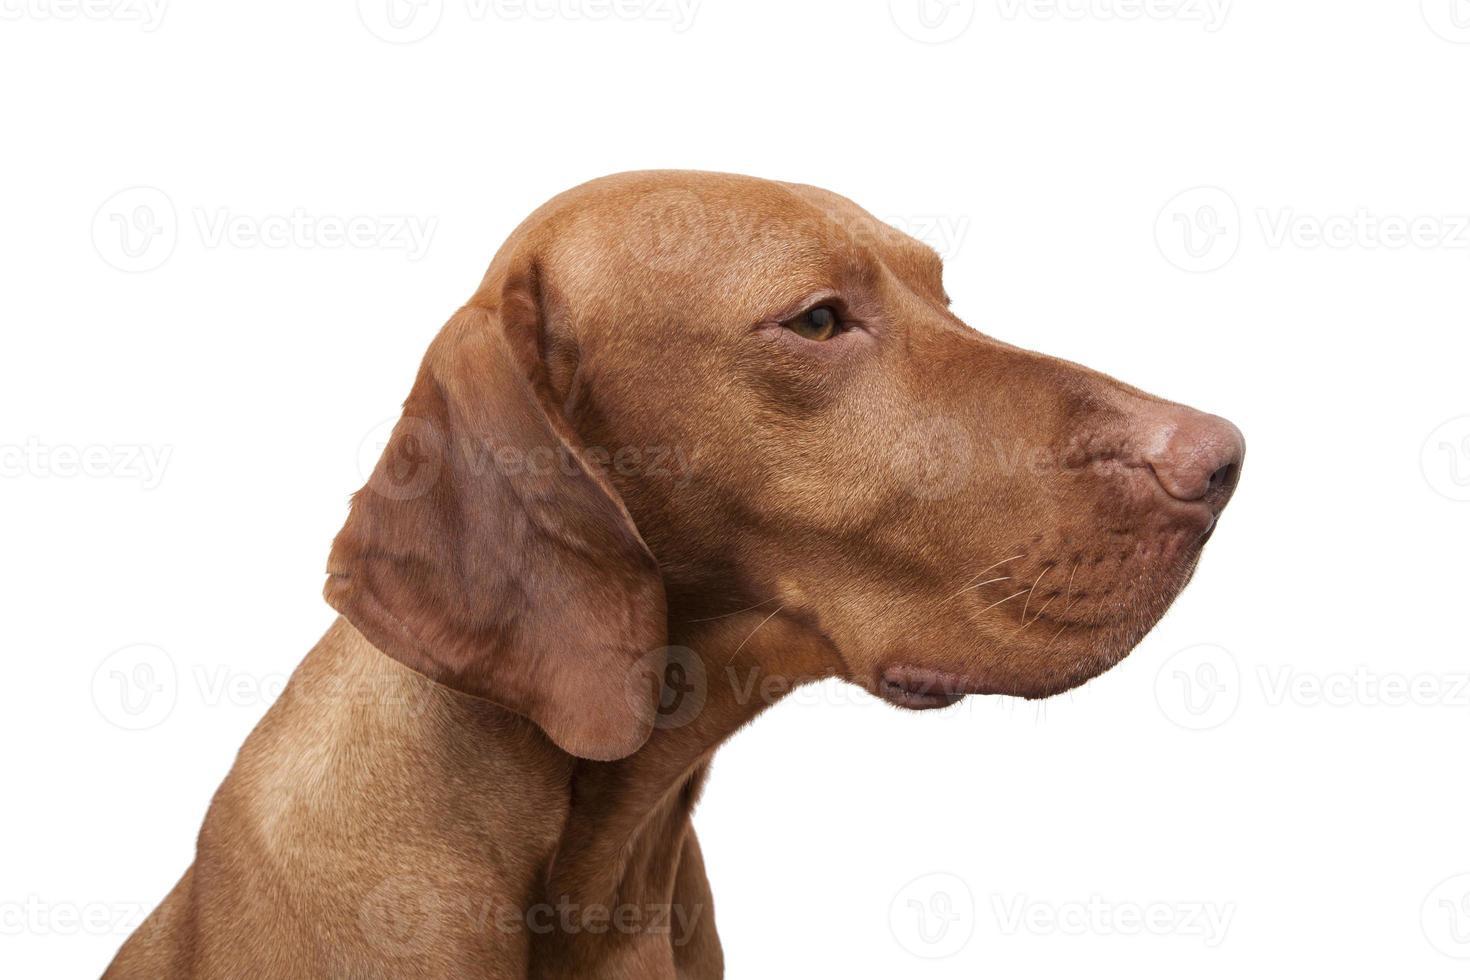 aanwijzer hond portret foto